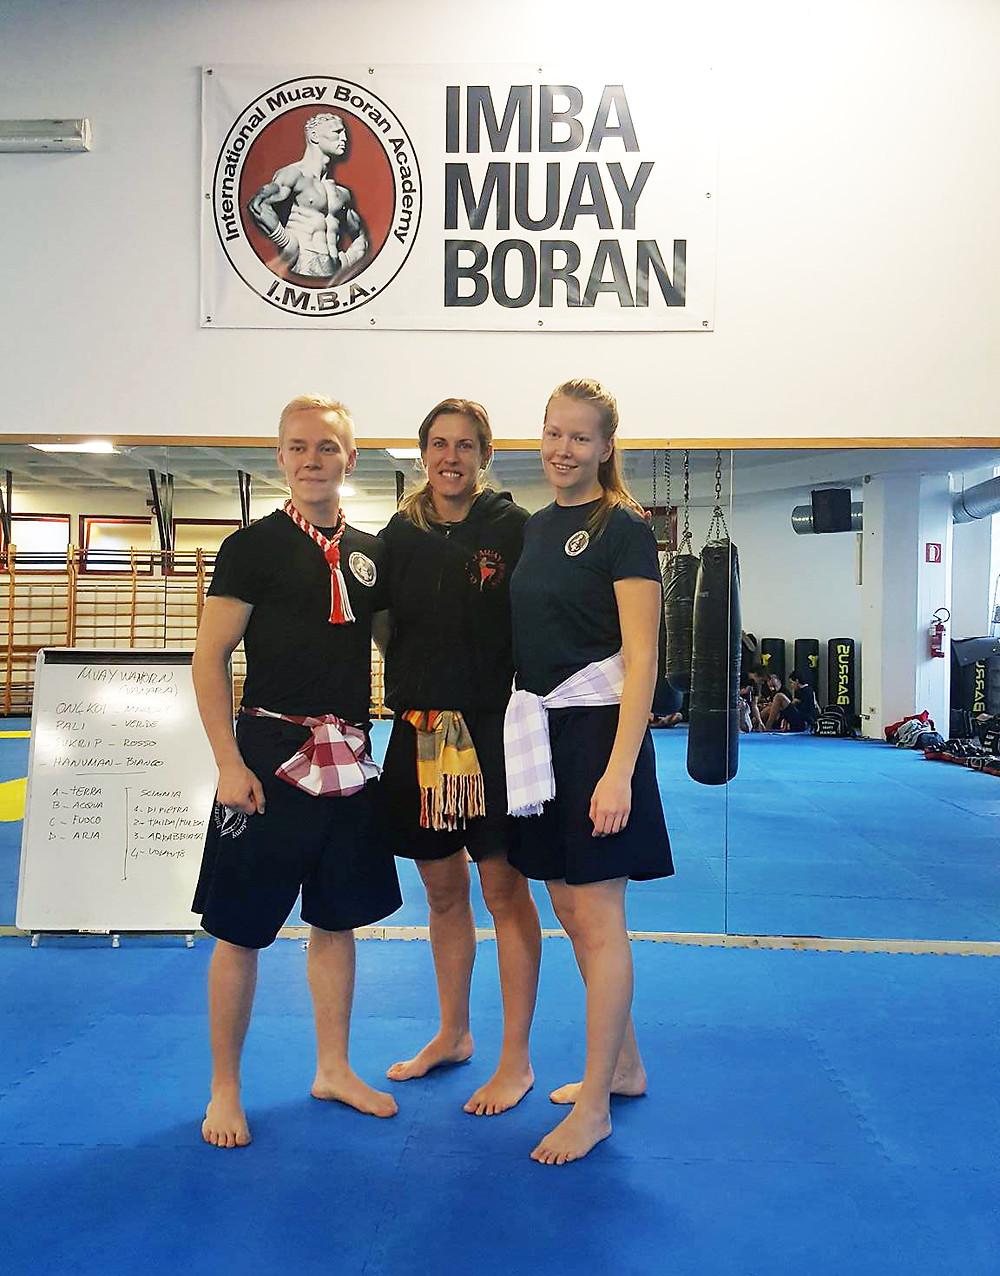 Kuvassa vasemmalta Dani Warnicki, mestari Maria Vallone ja Anni Paavilainen, IMBA Muay Boran